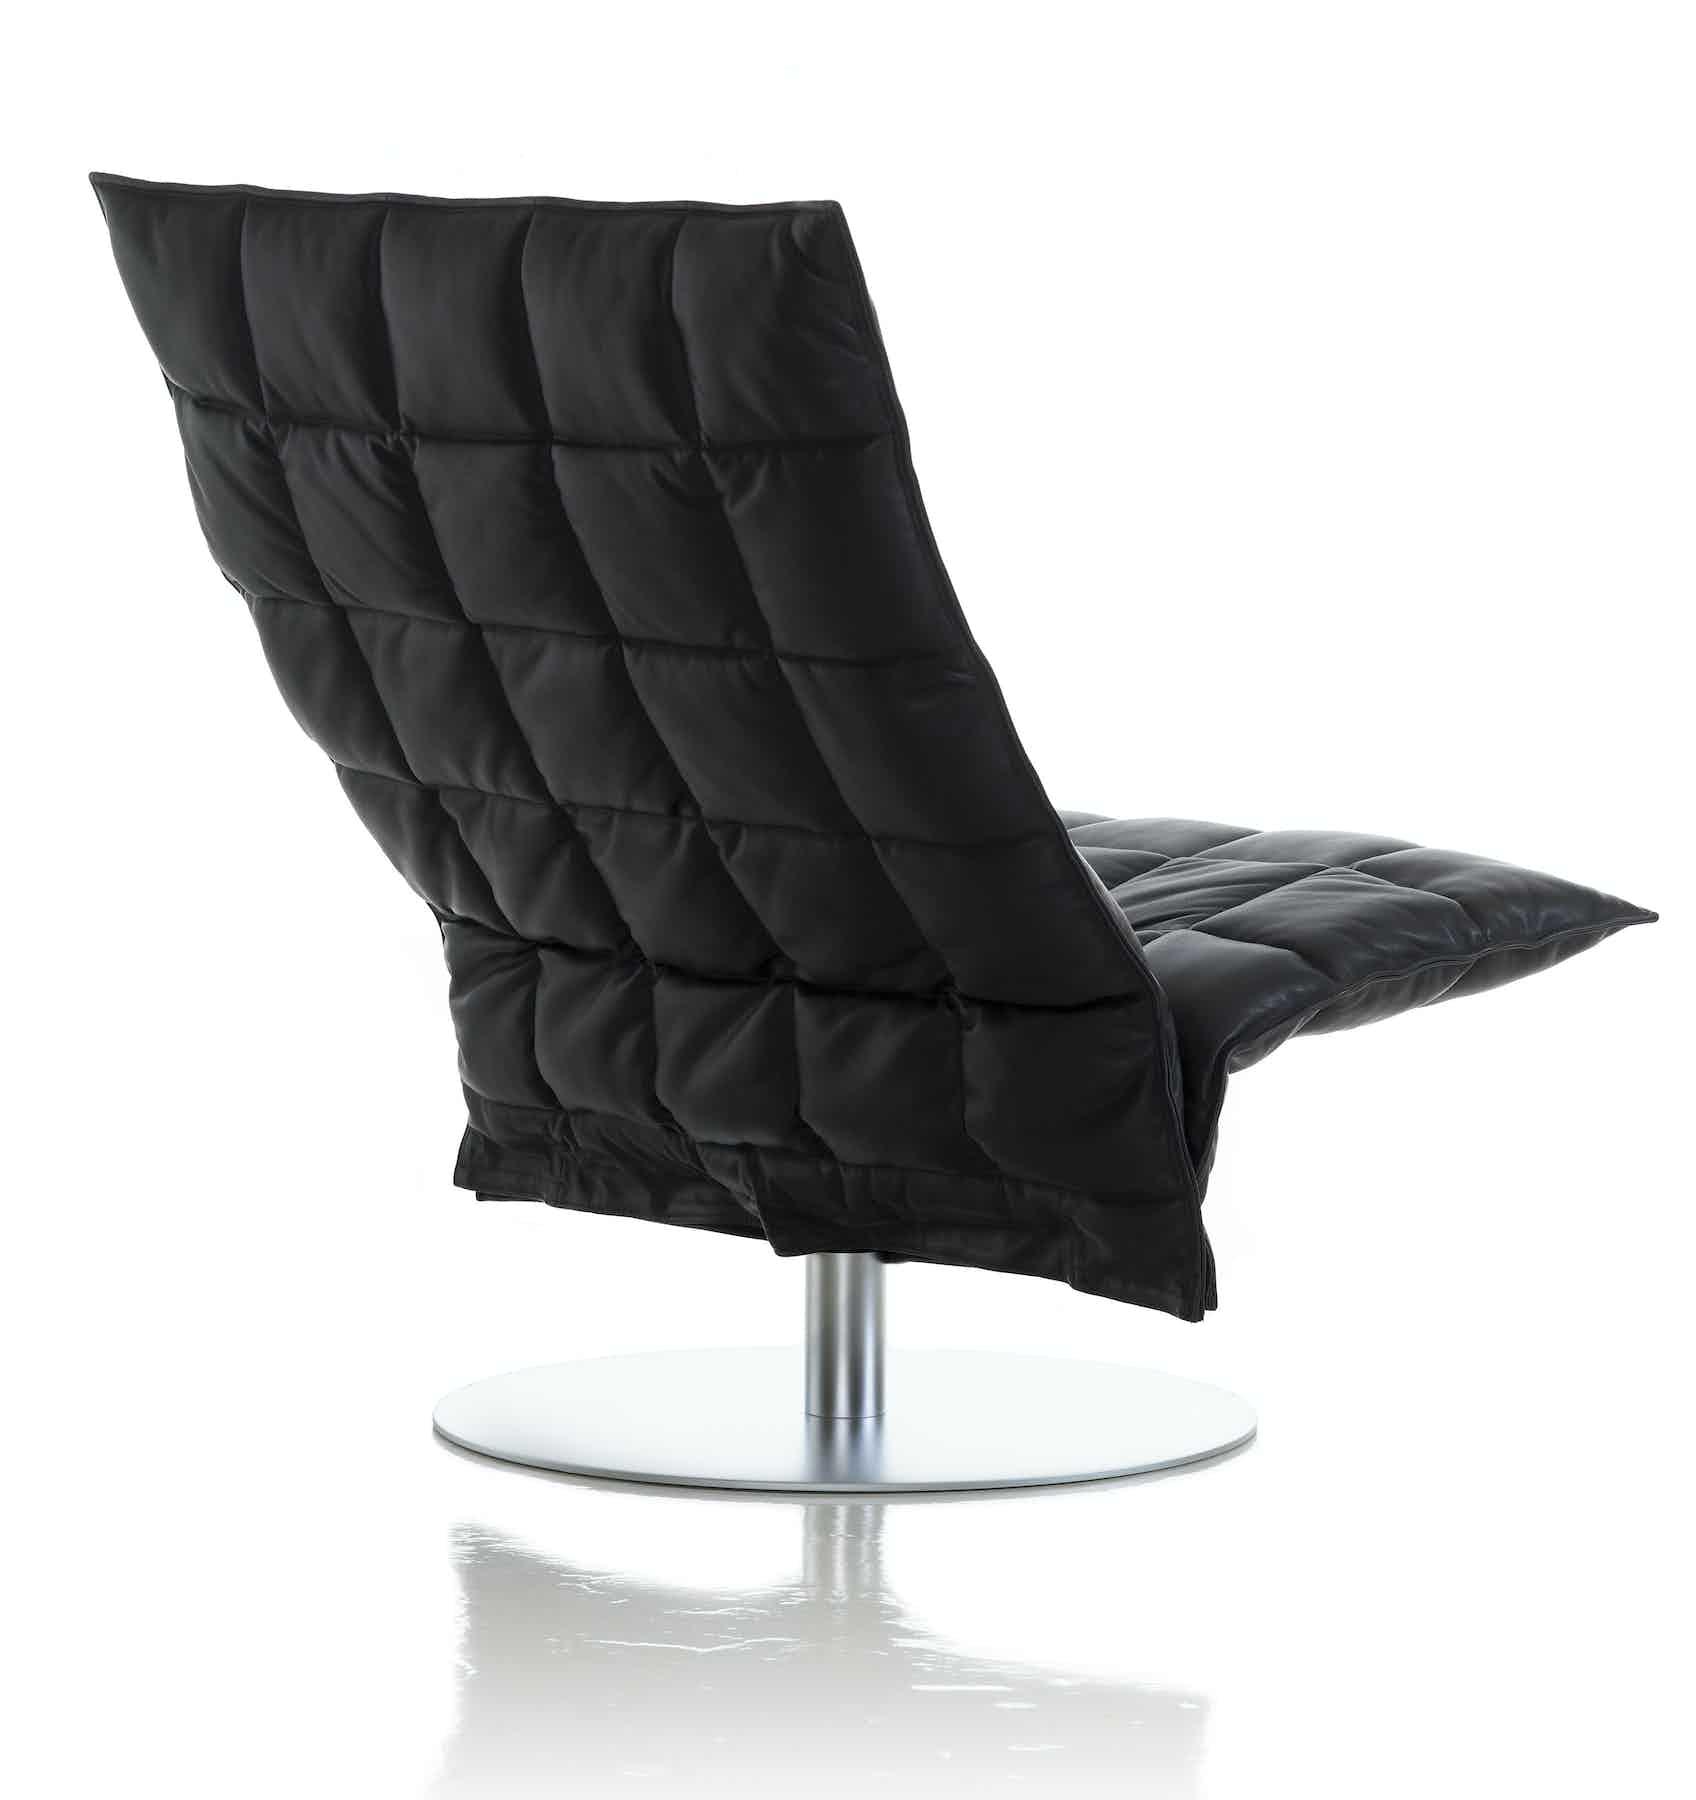 46005 Wide Swivel Kchair Black Leather 2